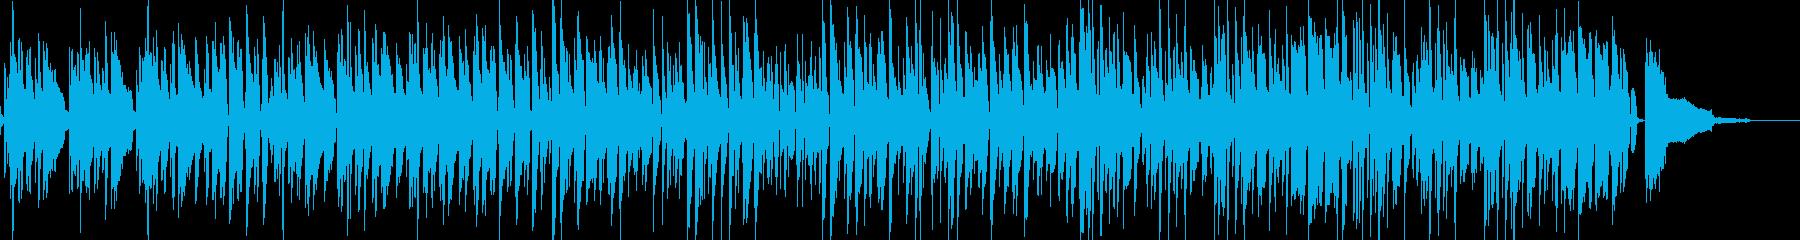 ピアノとウッドベースのJAZZの再生済みの波形